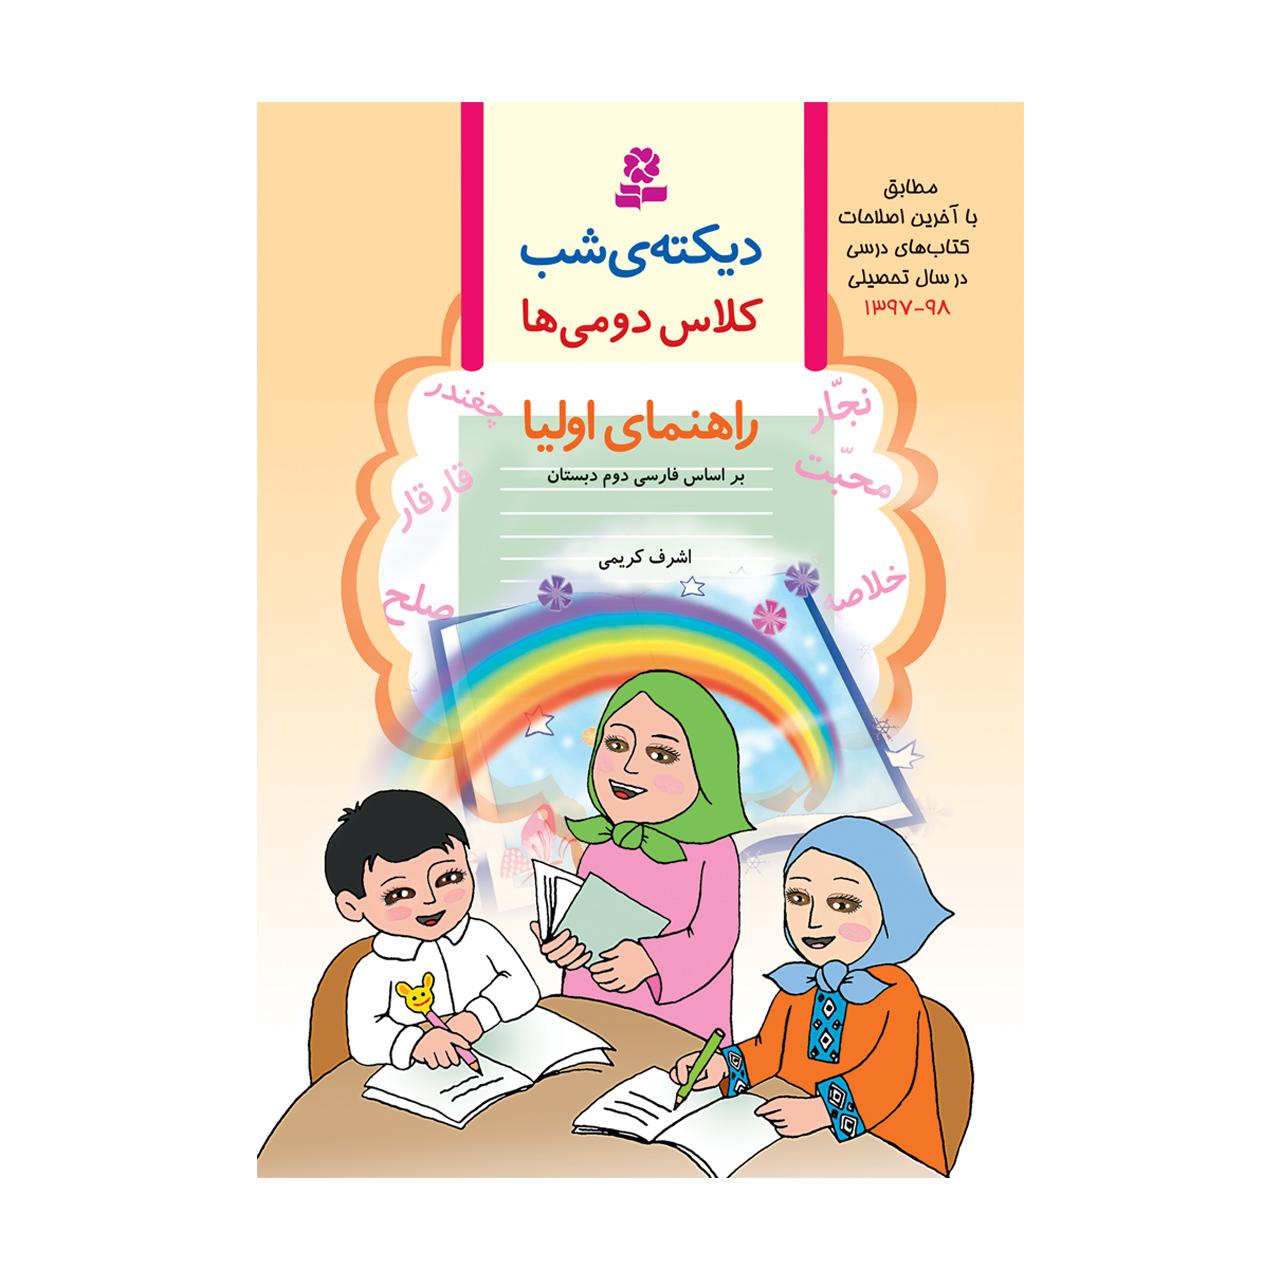 خرید                      کتاب ديکتهی شب کلاس دوم دبستان اثر اشرف کریمی